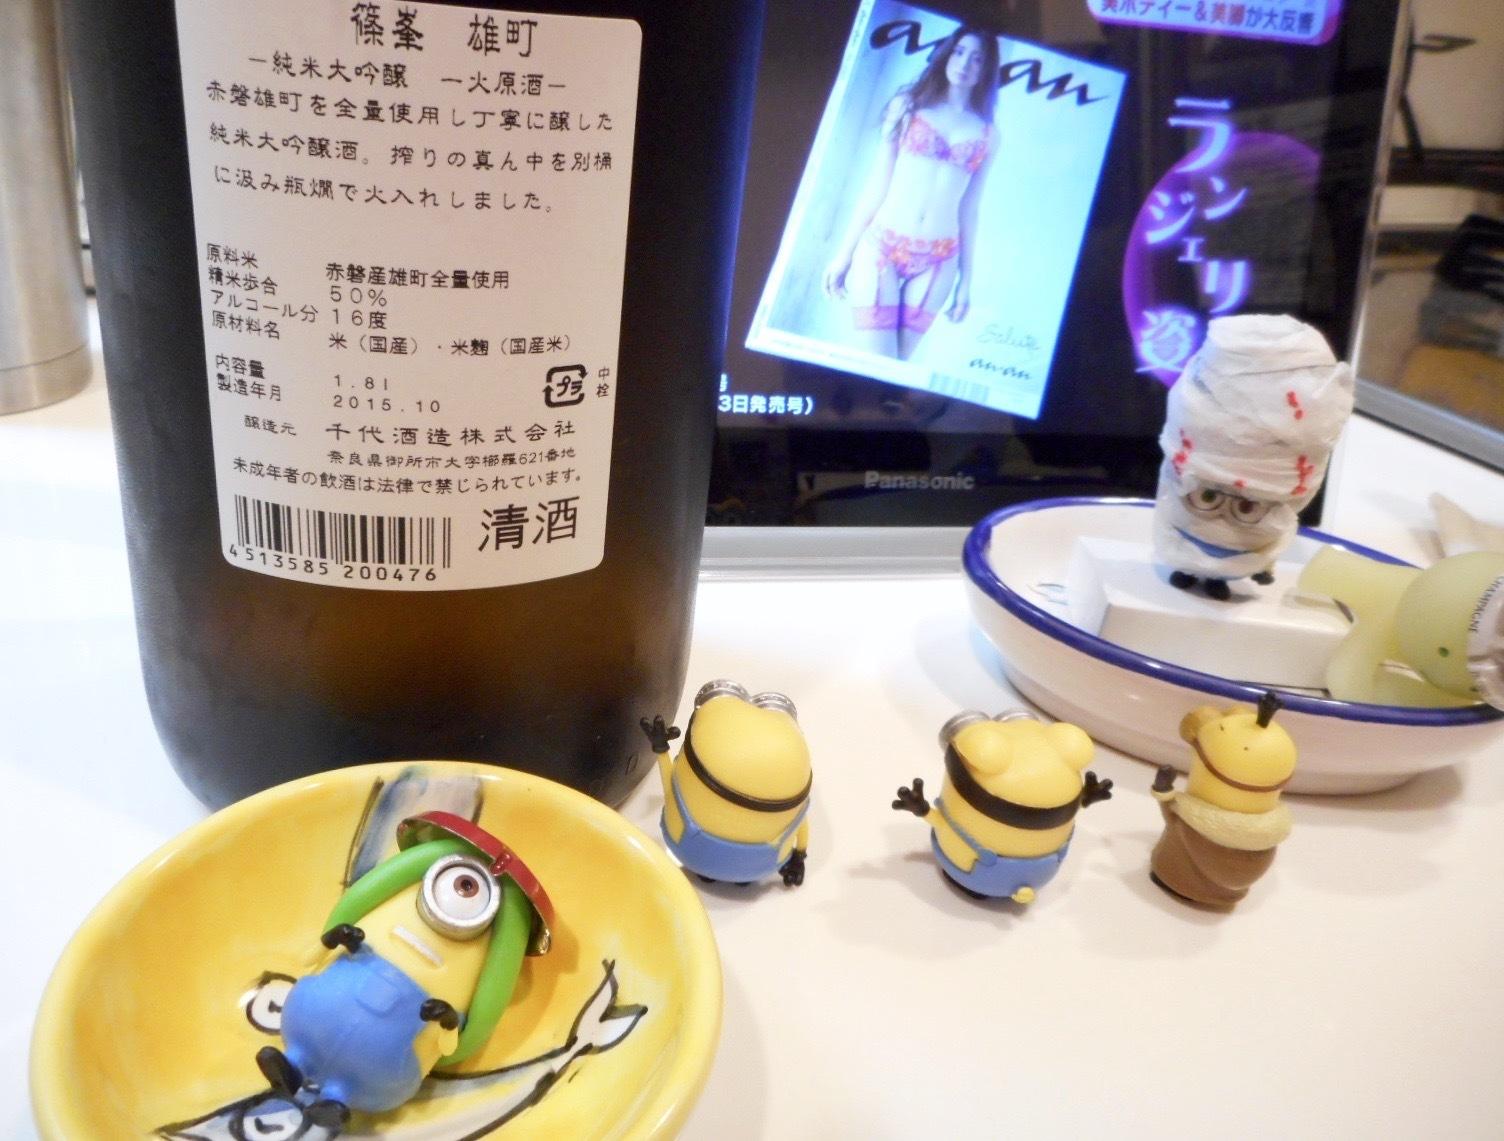 shinomine_jundai_omachi_hiire26by2_2.jpg